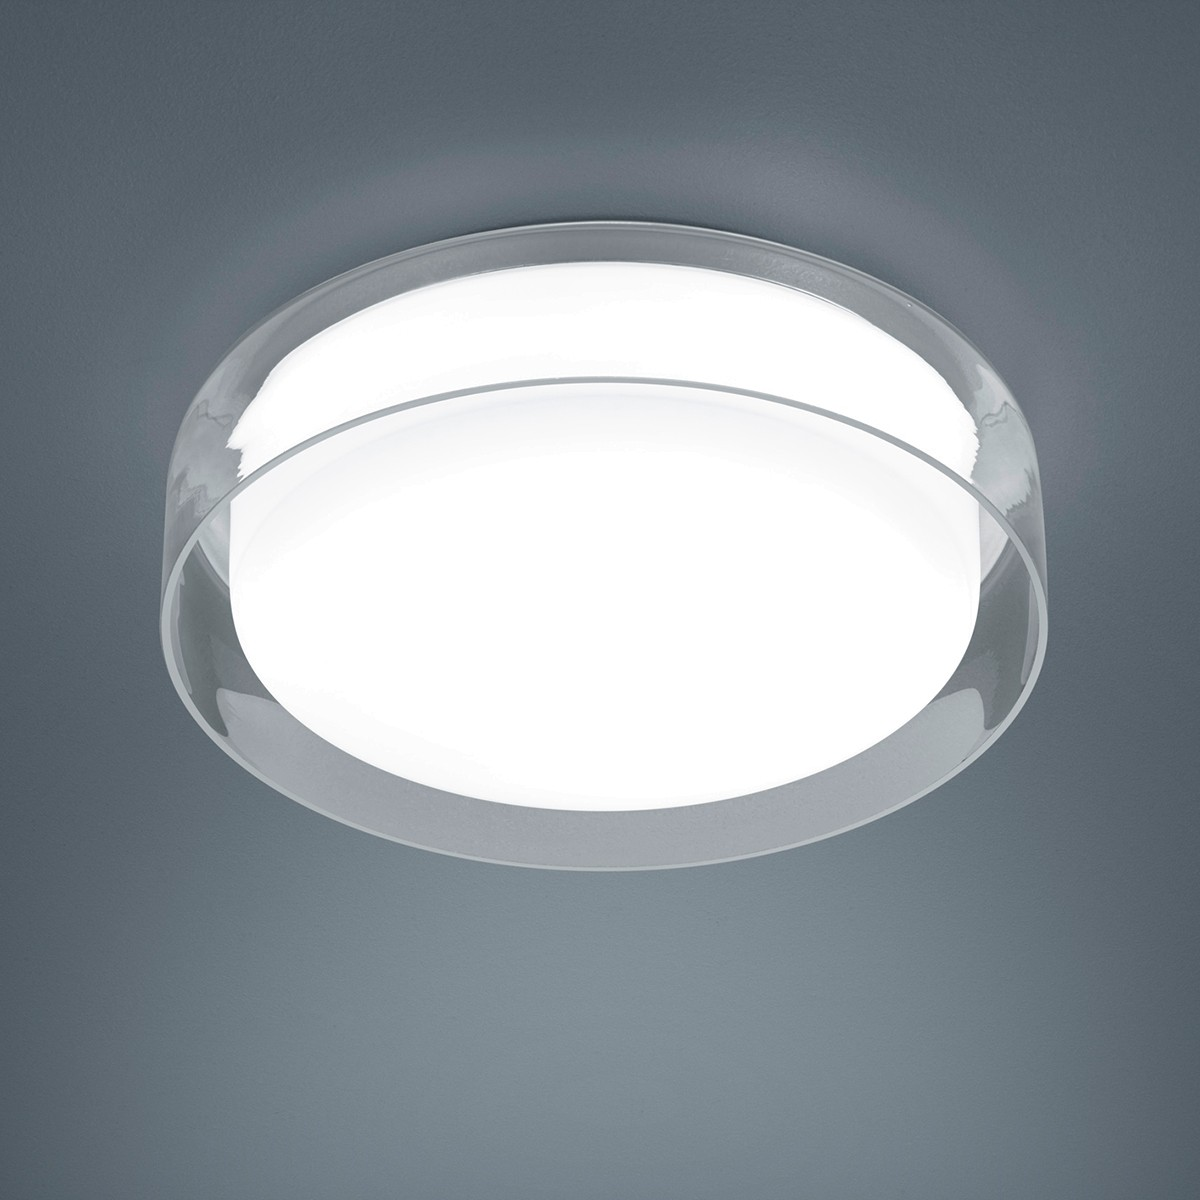 Helestra Olvi LED Deckenleuchte, Ø: 35 cm, Opal weiß / Außenglas klar